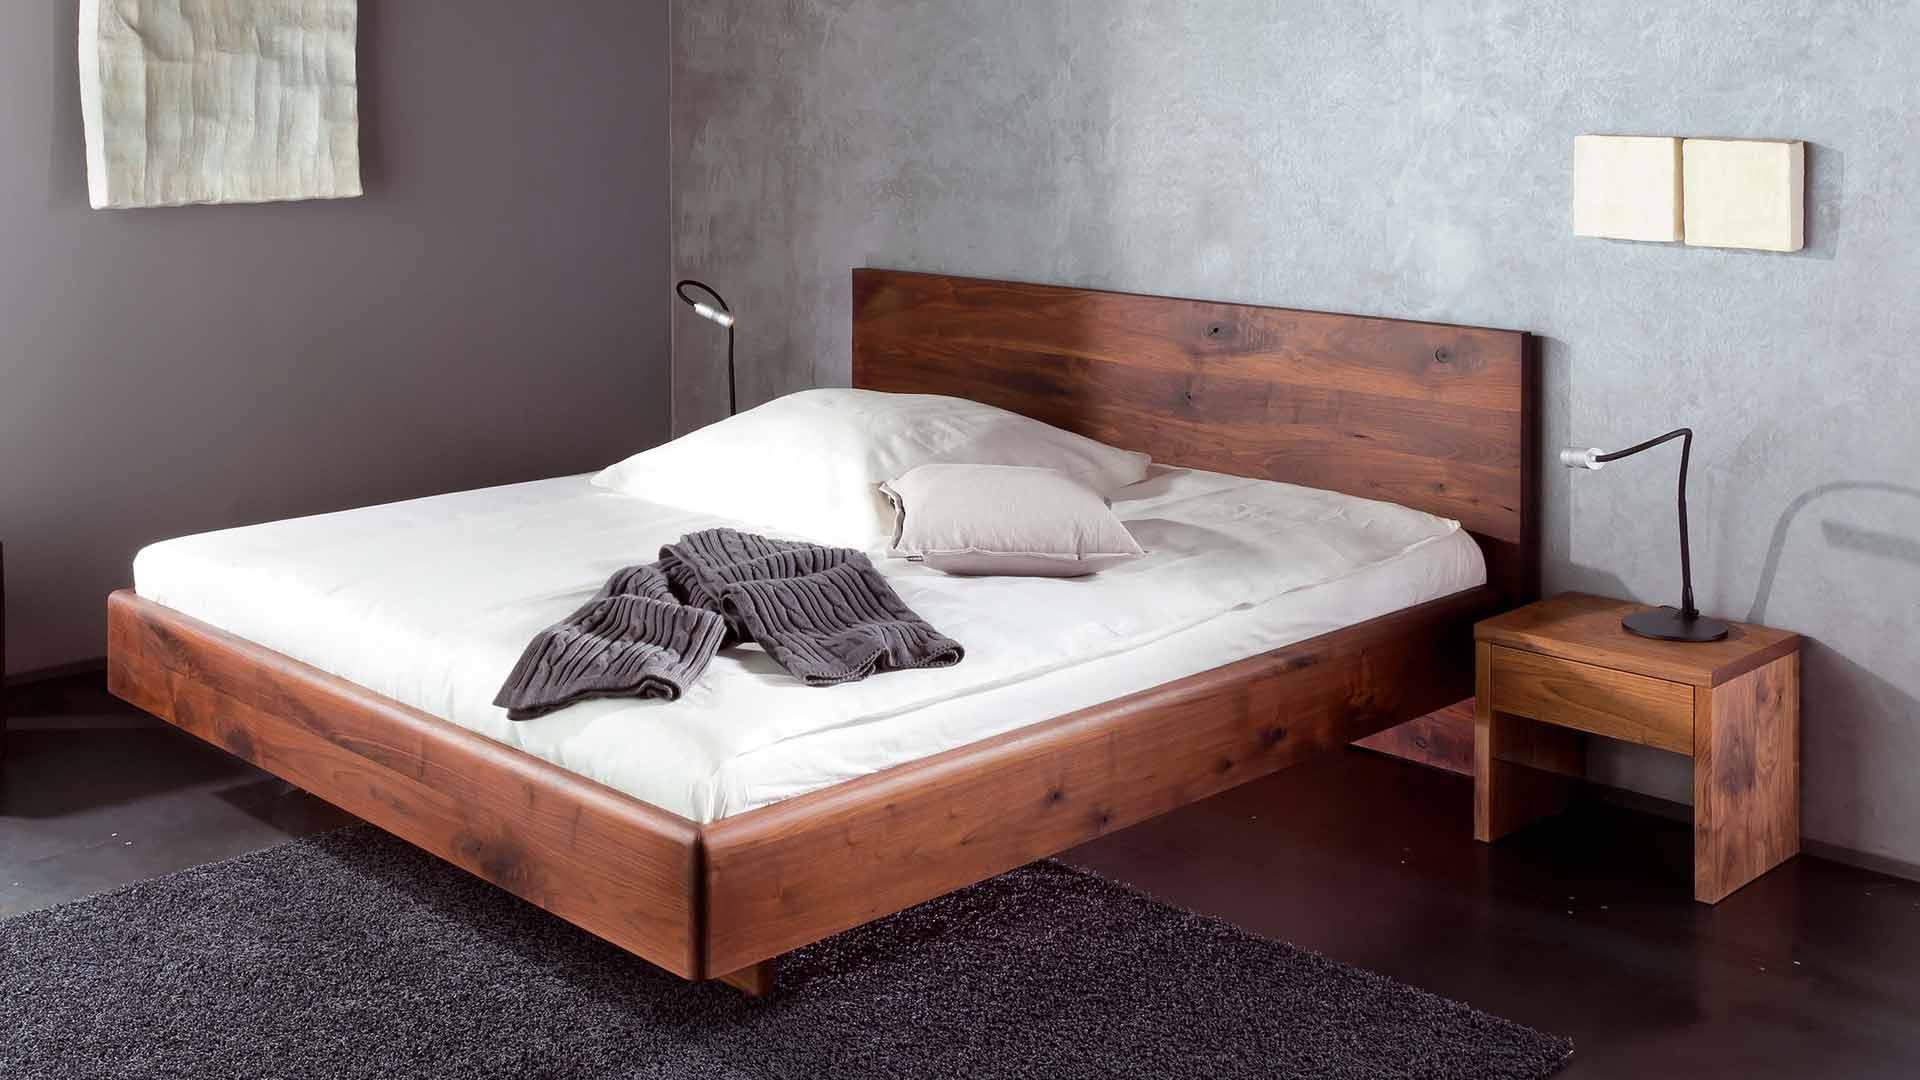 Full Size of Betten Holz Holzbetten Dsseldorf Massivholzbett Esstisch Massiv Außergewöhnliche Berlin Ottoversand Hamburg Unterschrank Bad Holzfliesen Küche Weiß Bett Betten Holz